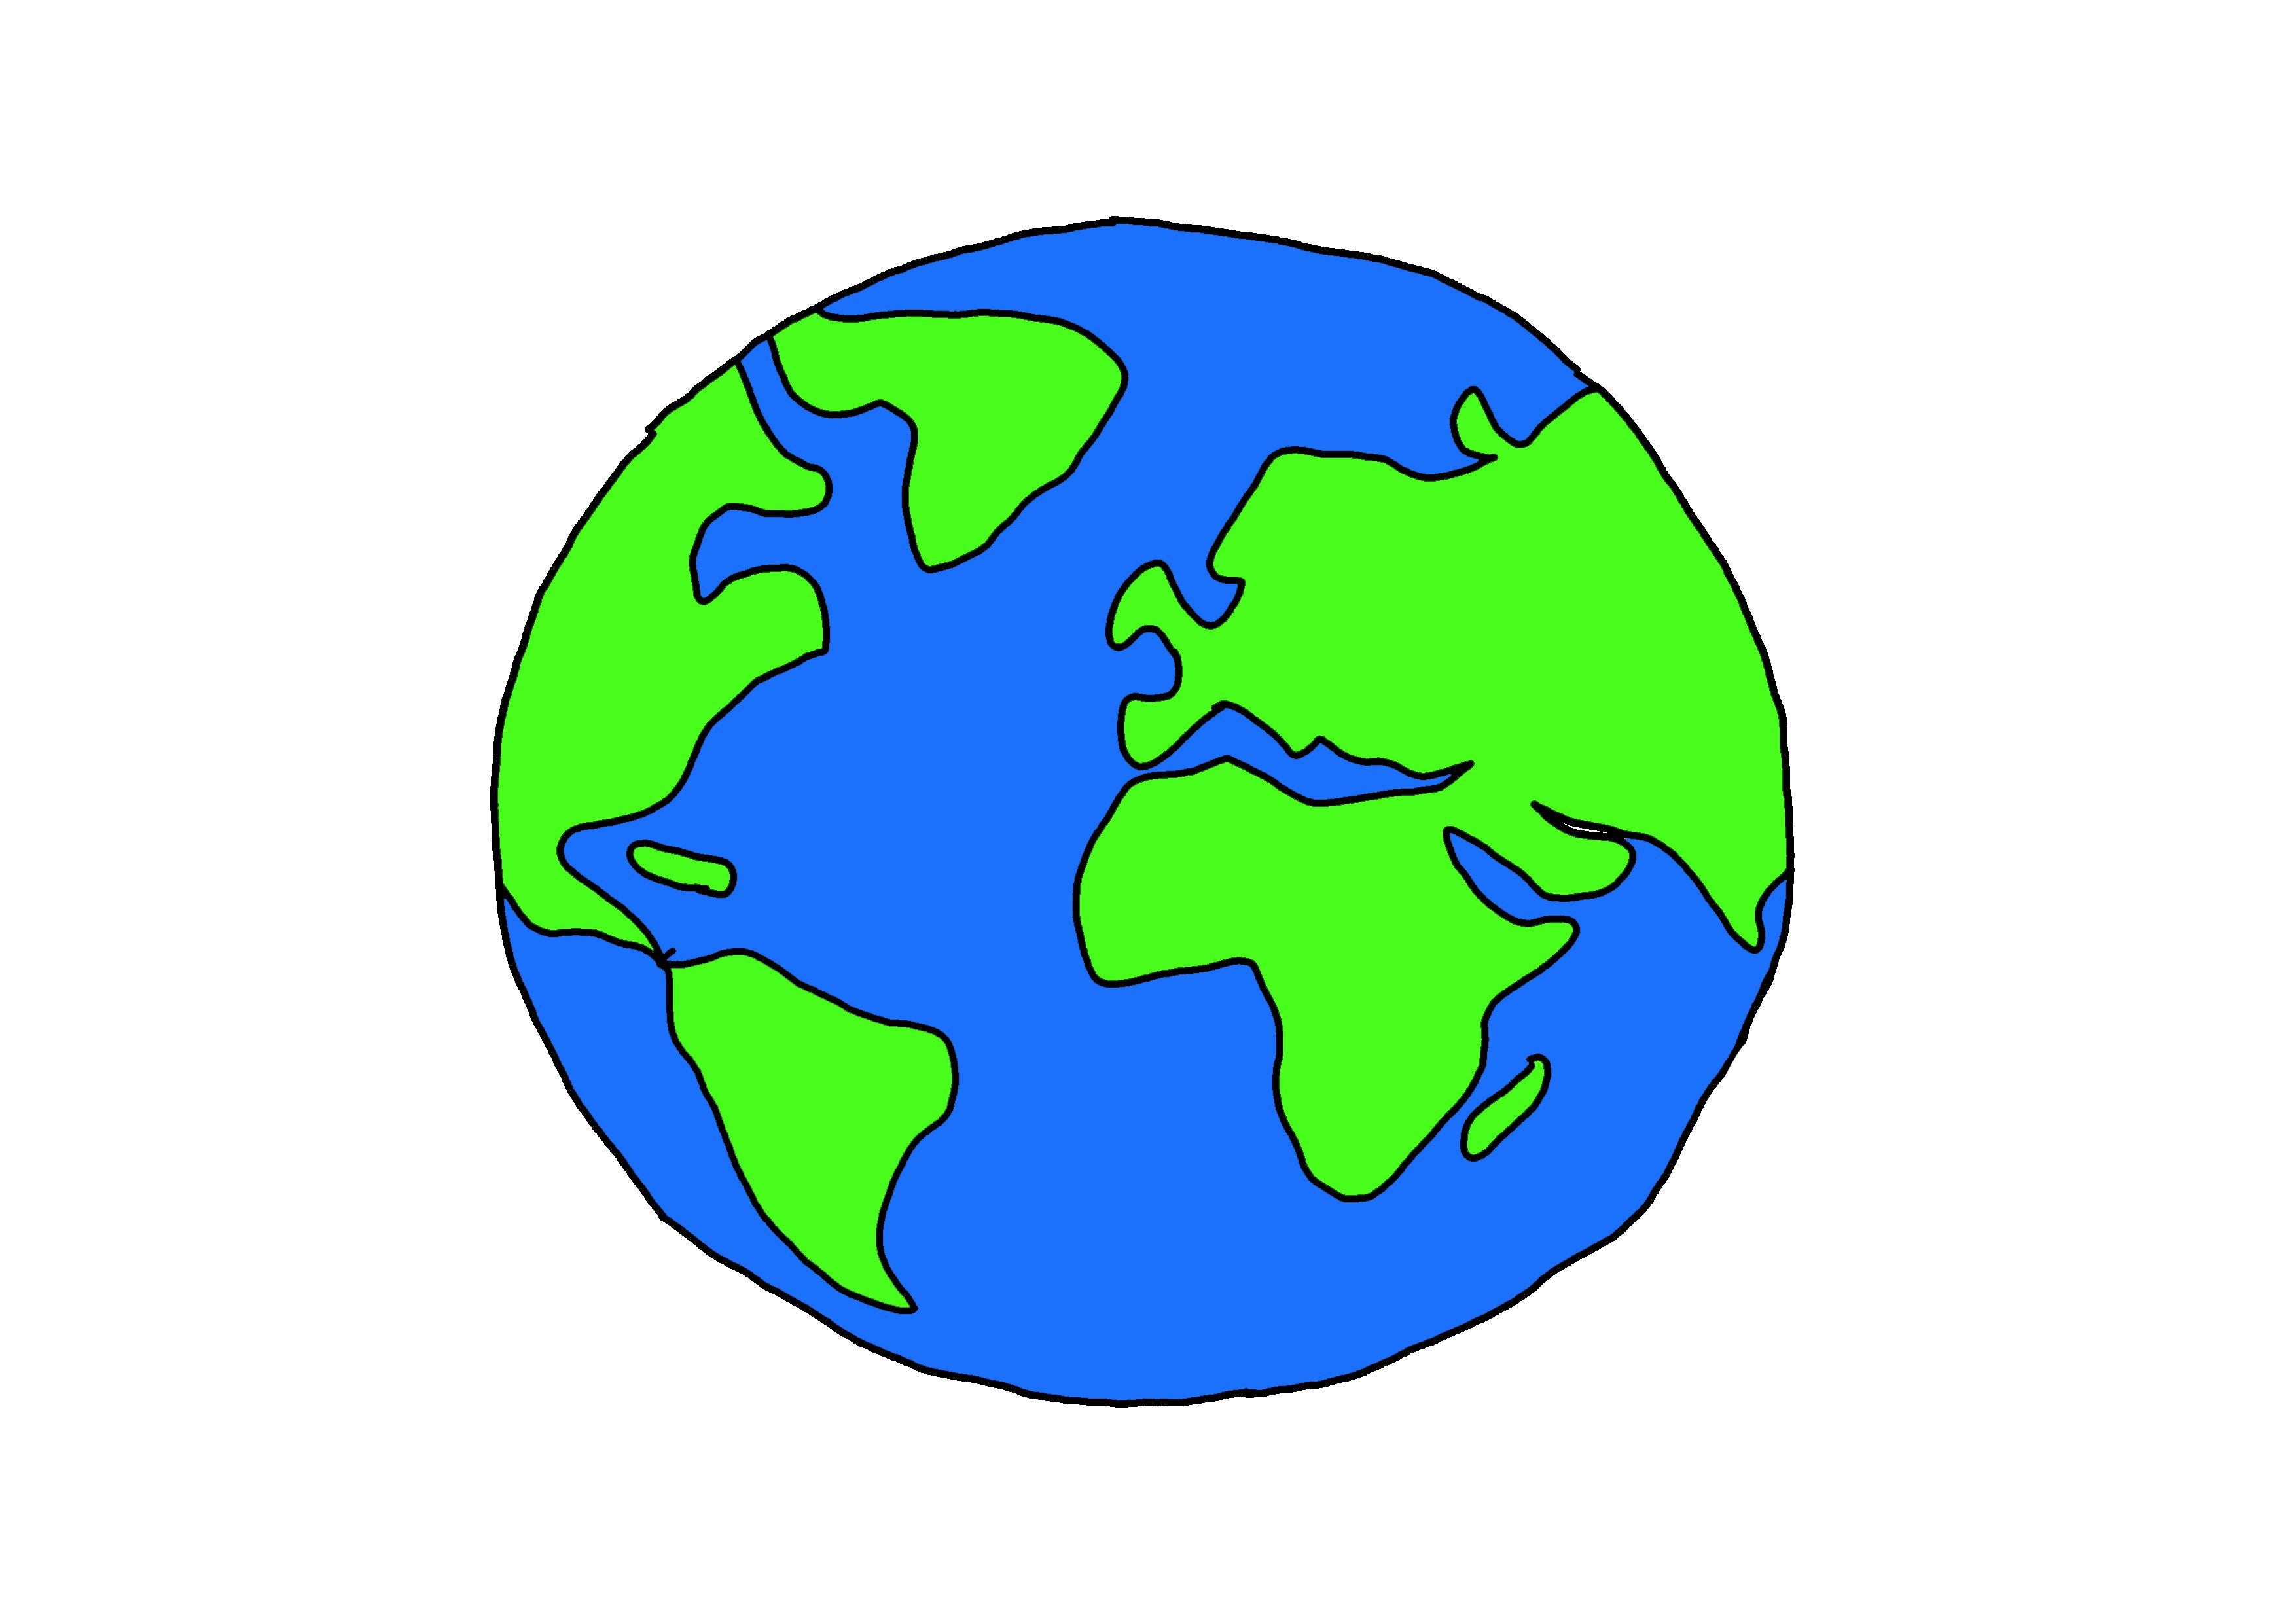 イラスト【地球】